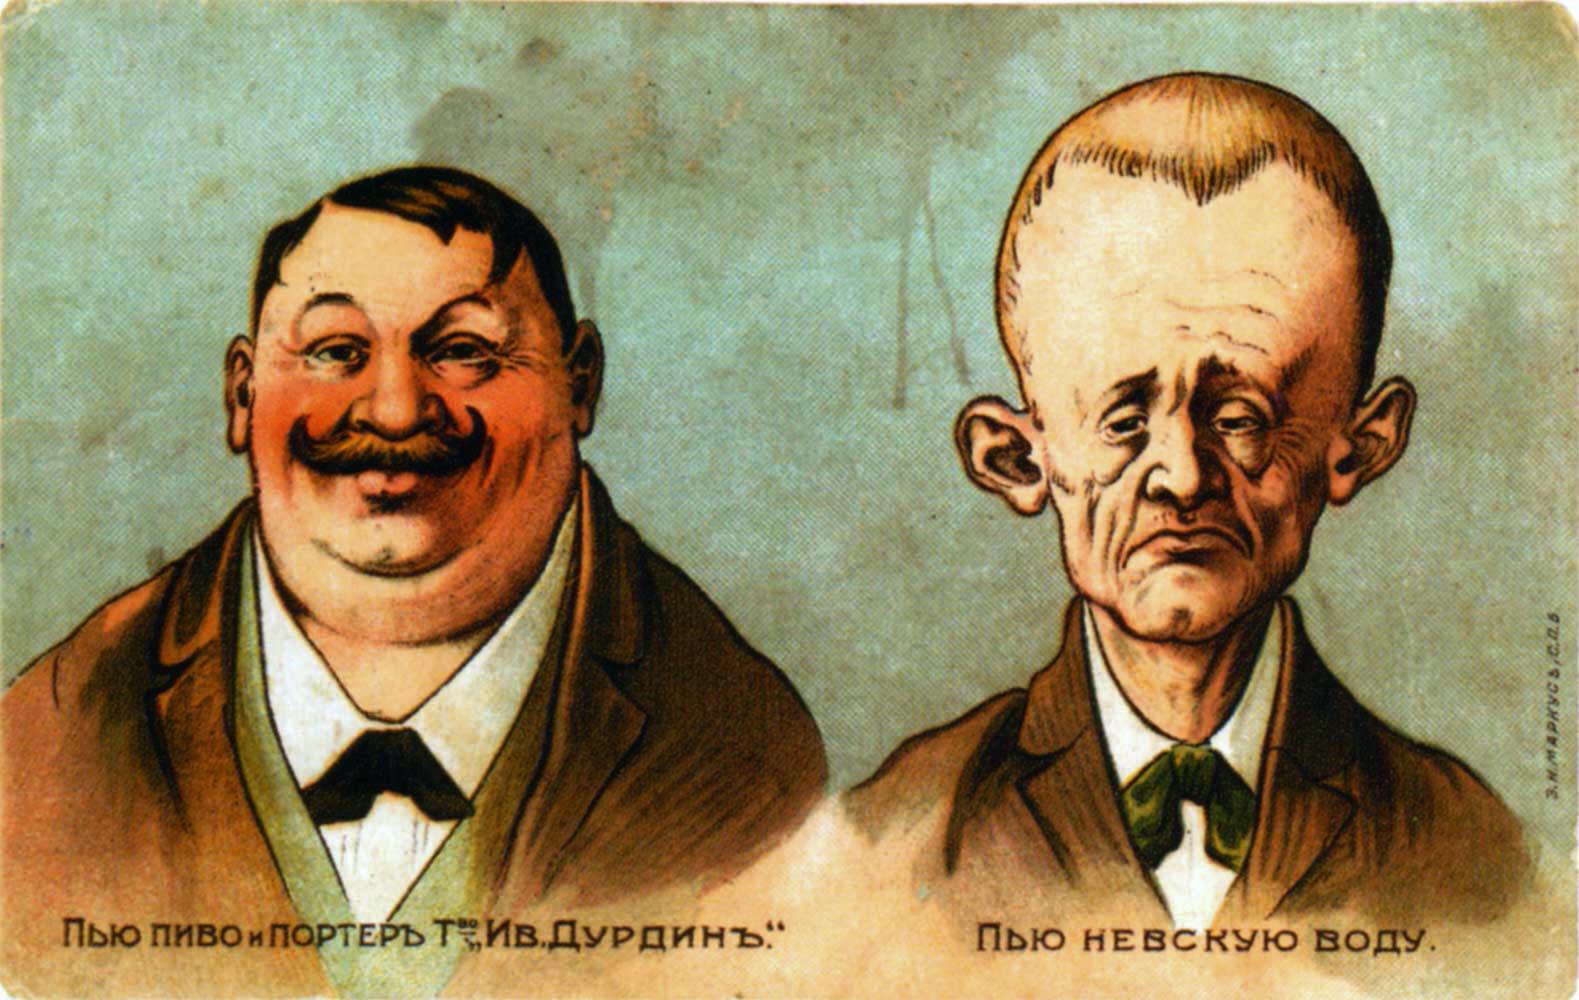 Российские рекламные плакаты IX века.